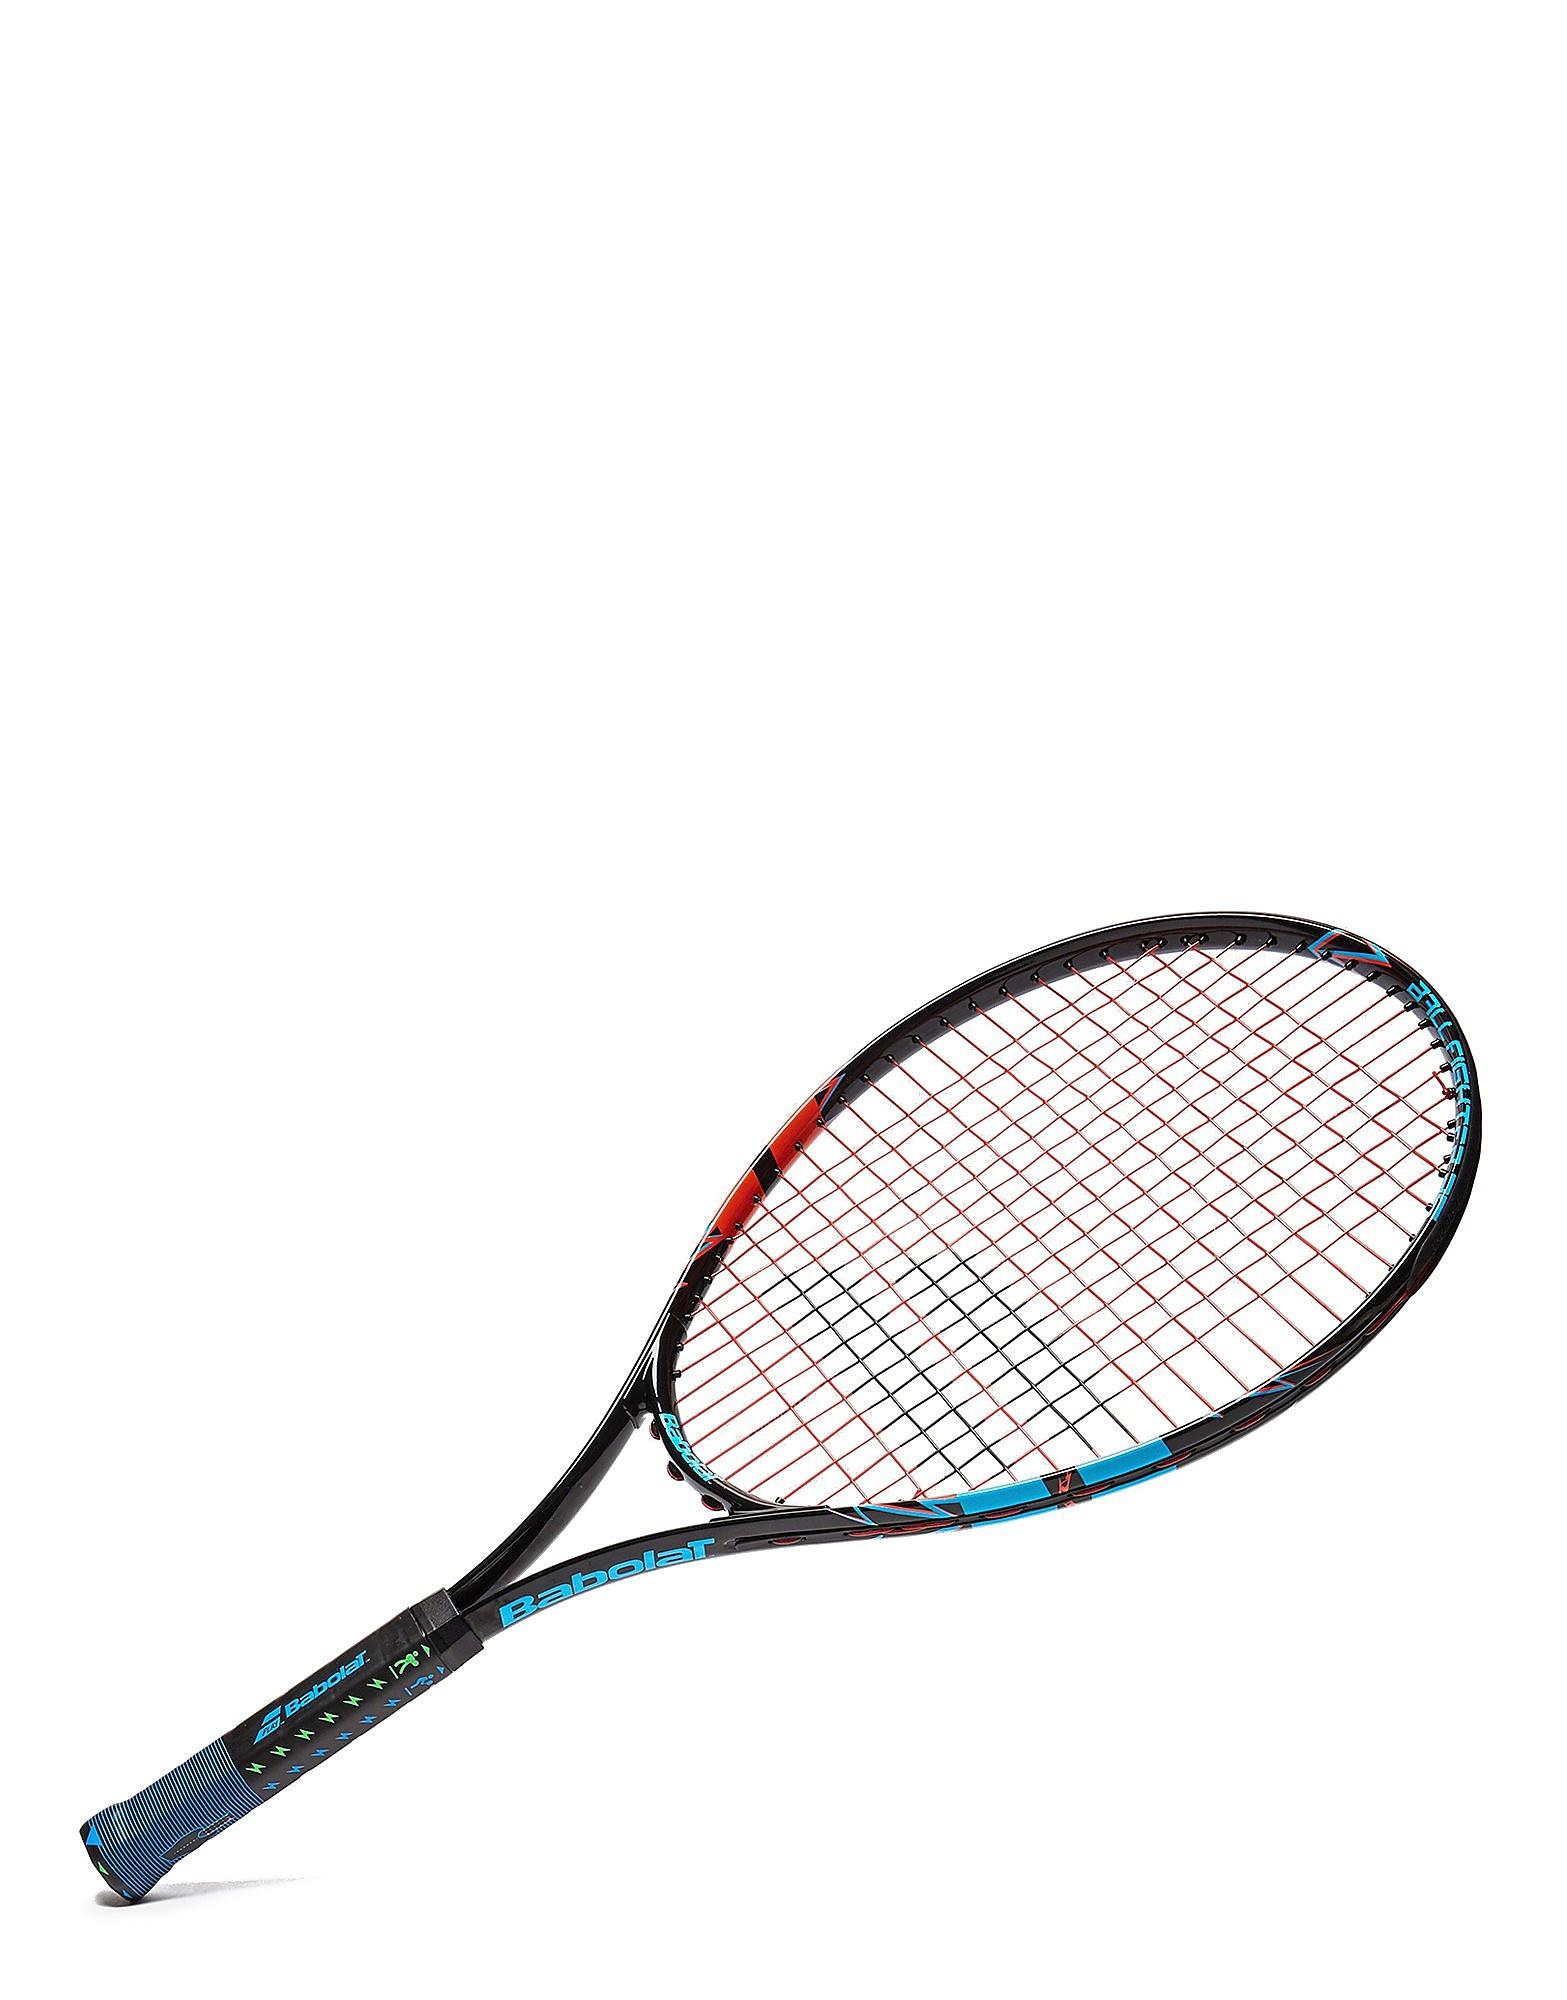 Babolat Ballfighter 25 Tennis Racket Junior